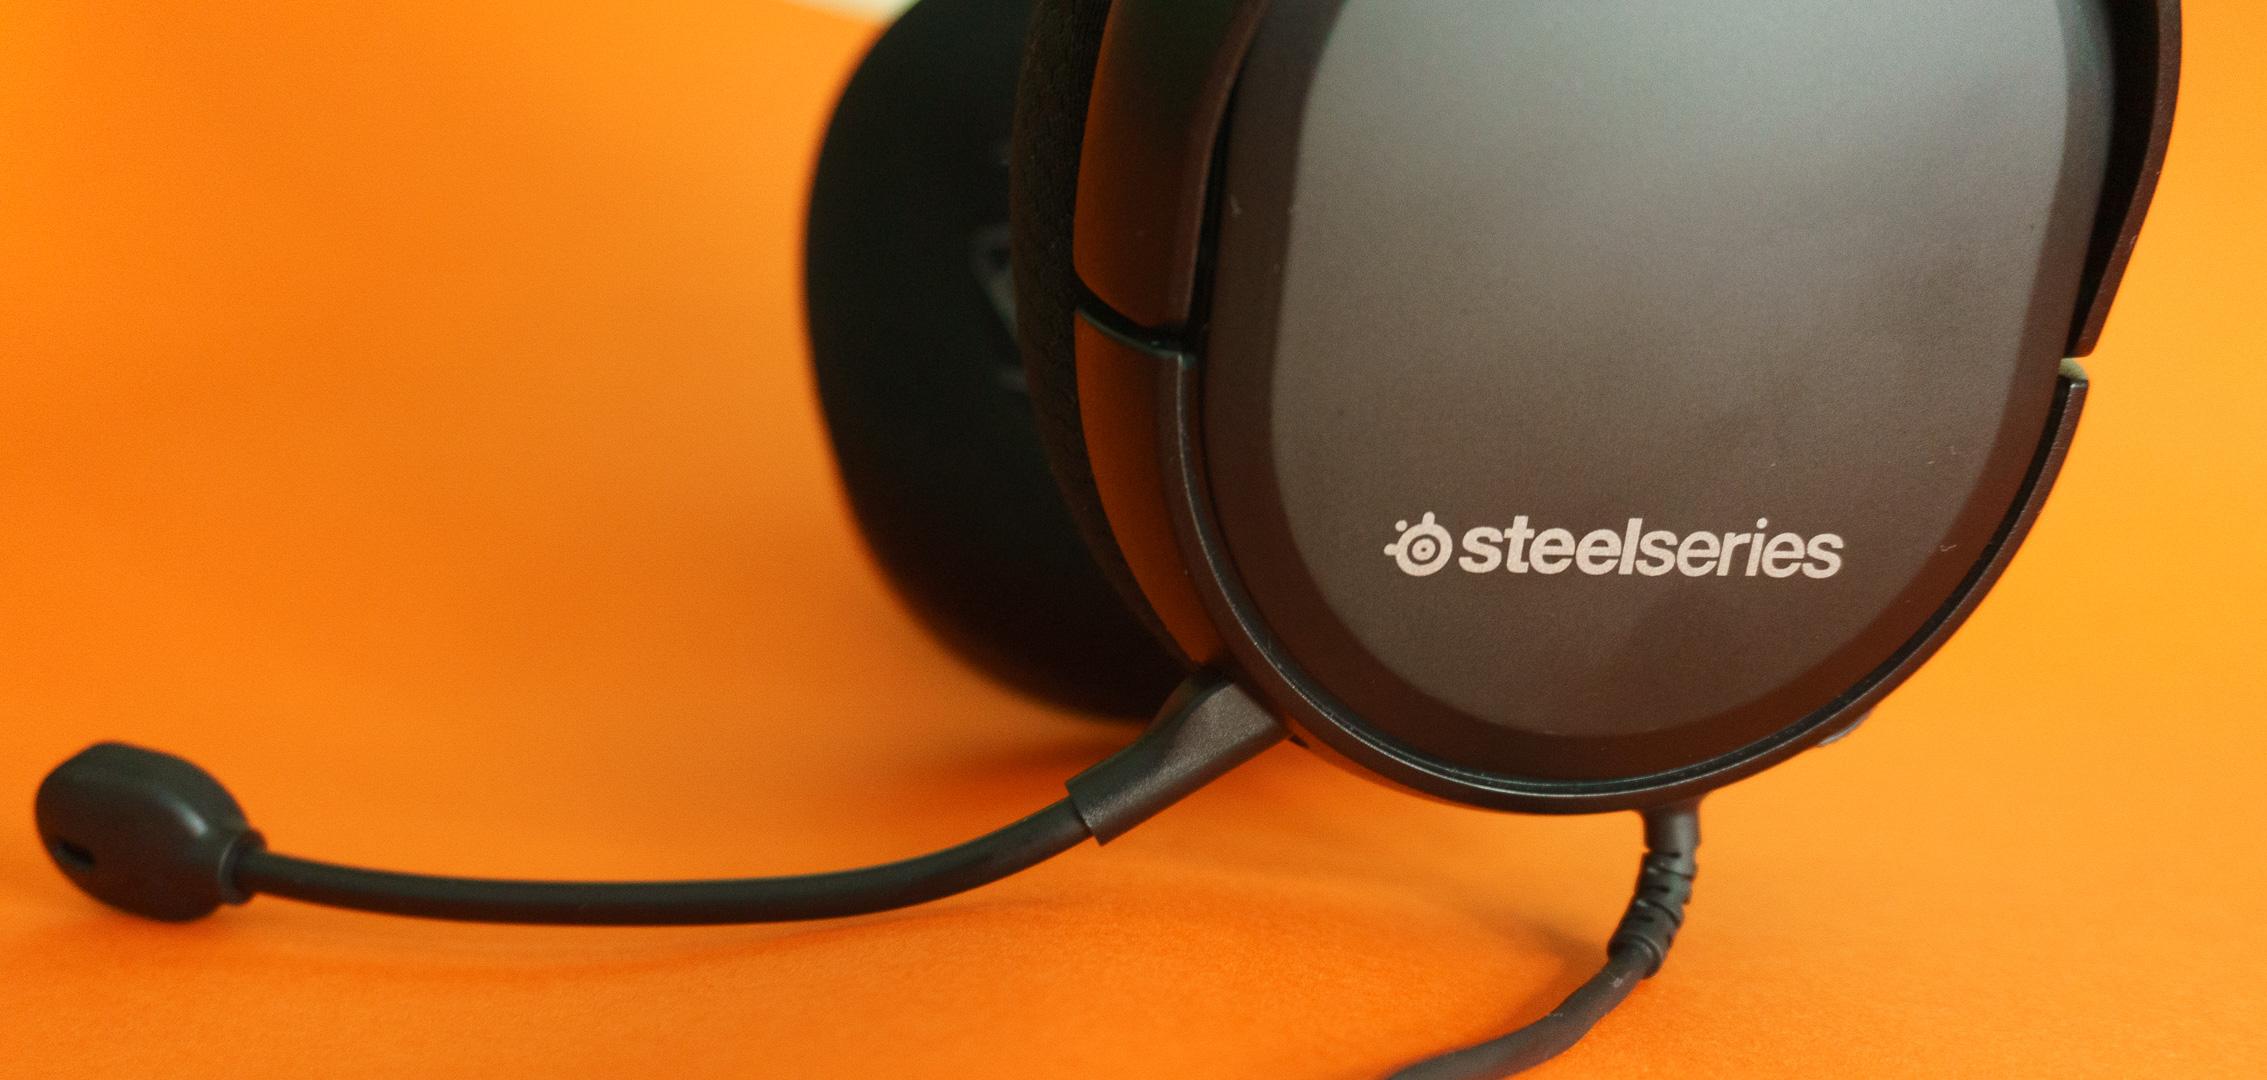 Słuchawki Steelseries Arctis 1 - solidna podstawa dla mocnej serii